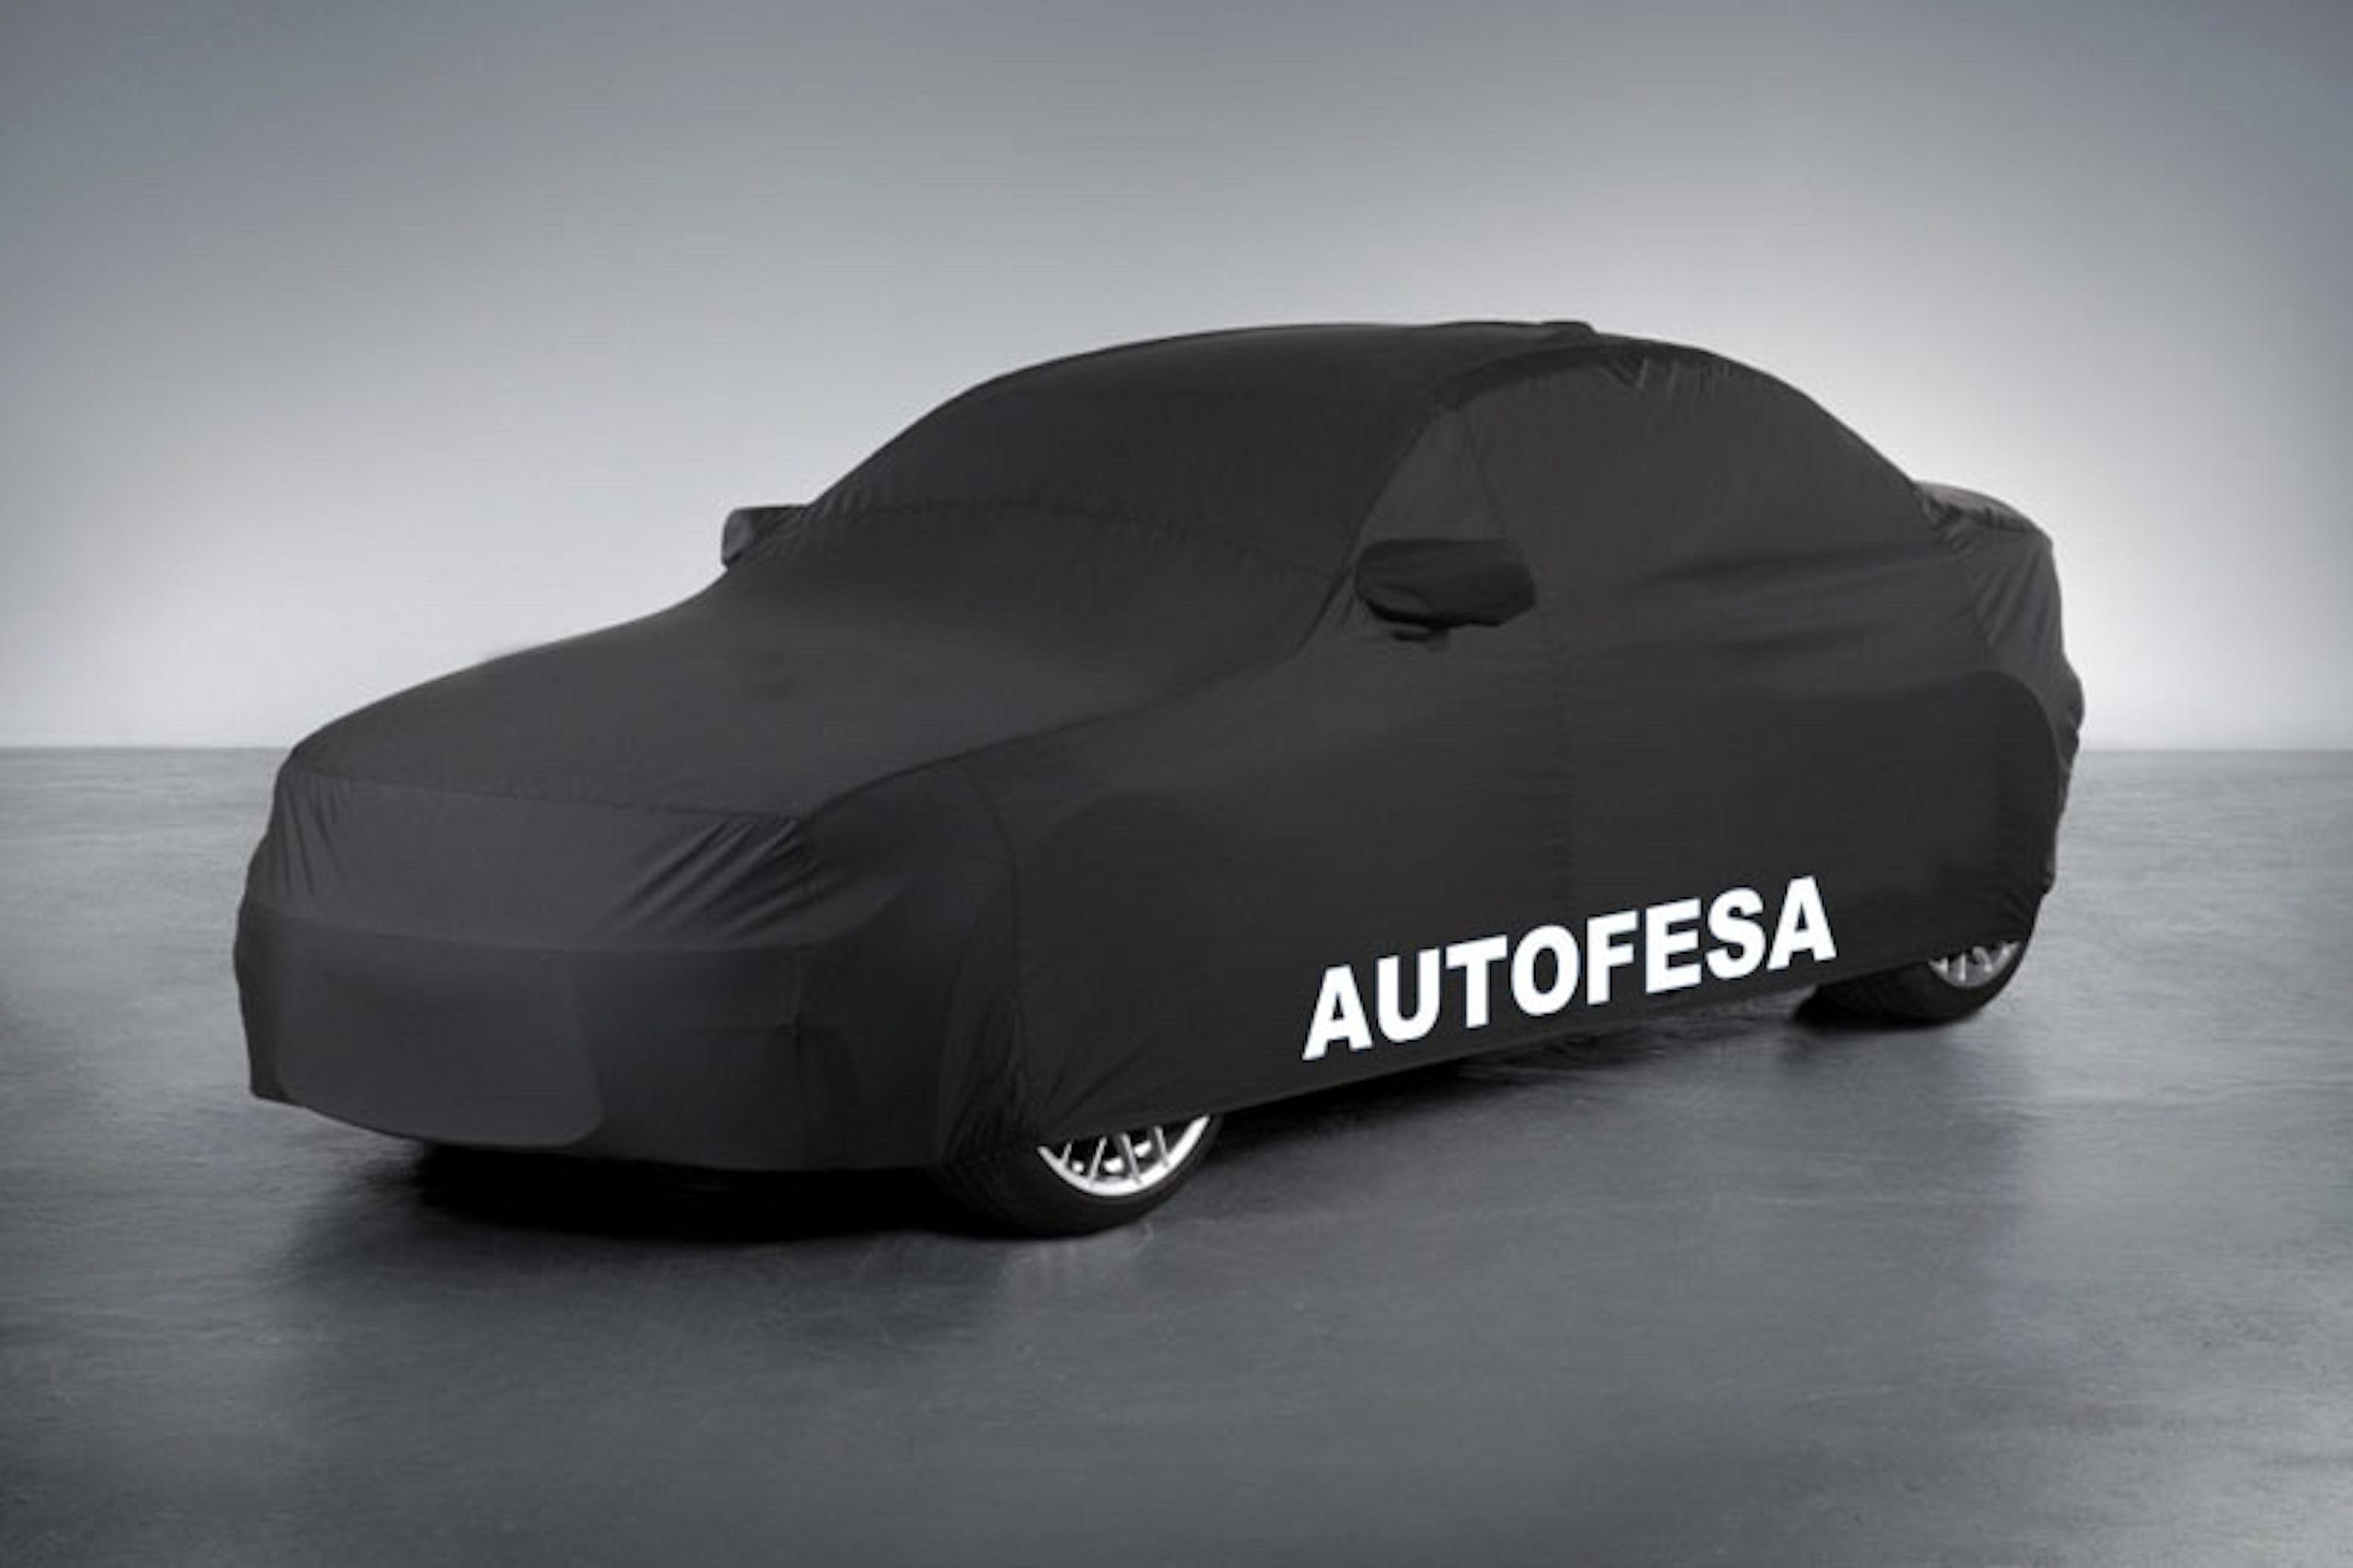 Audi A4 Avant 2.0 TDI 150cv Auto 5p S/S - Foto 33